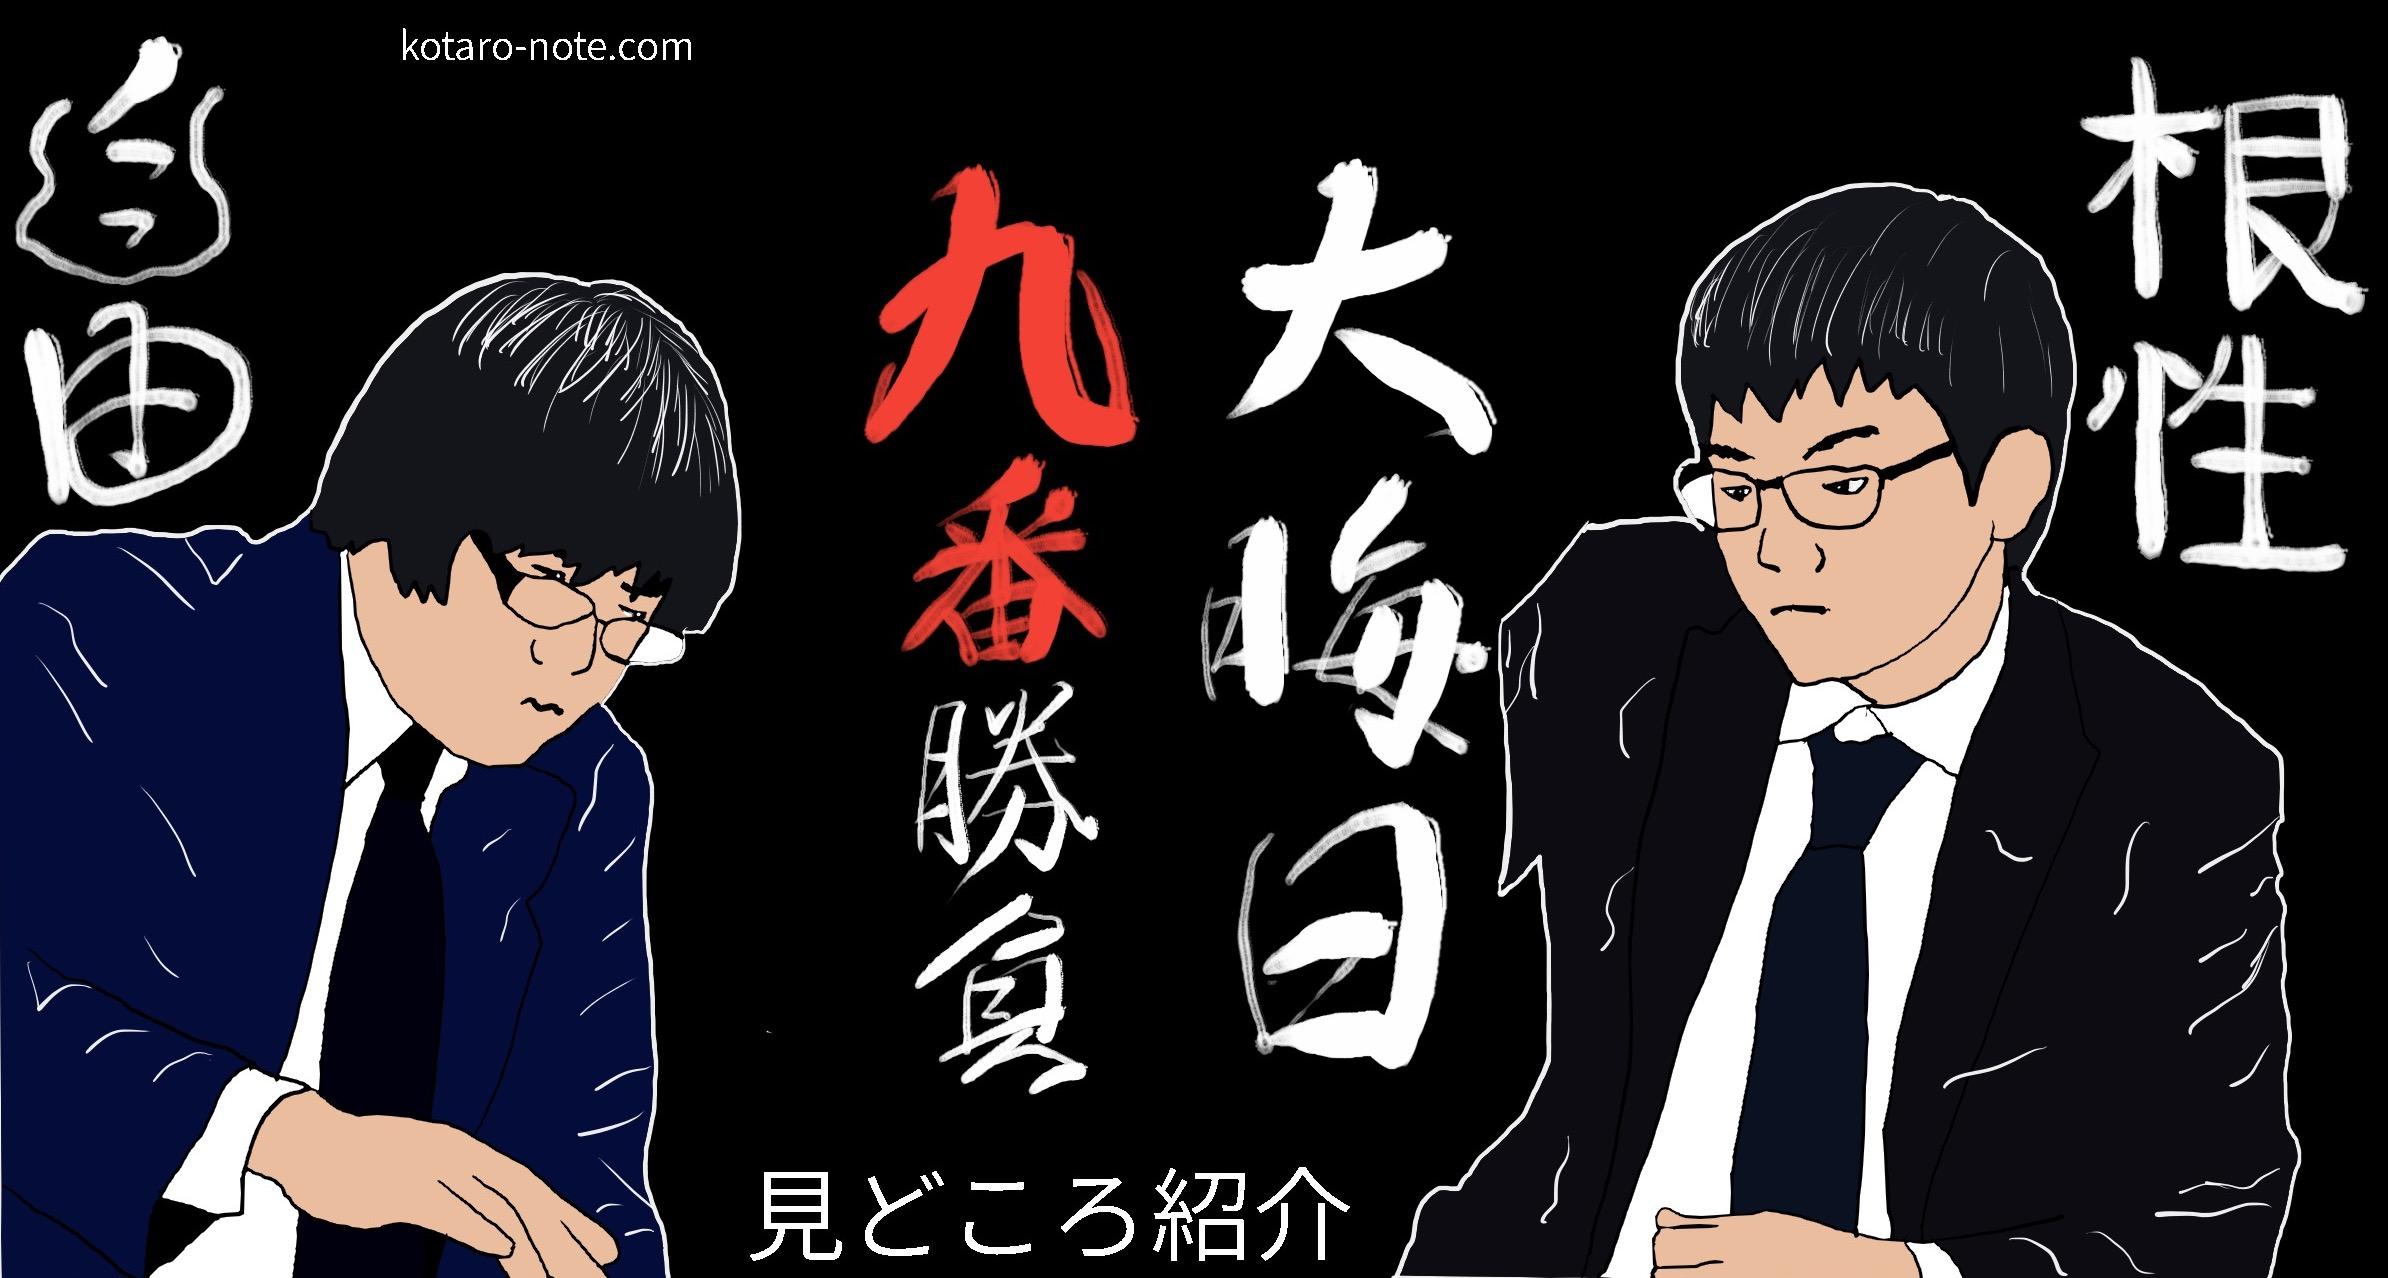 「大晦日九番勝負、糸谷哲郎八段vs永瀬拓矢七段」の